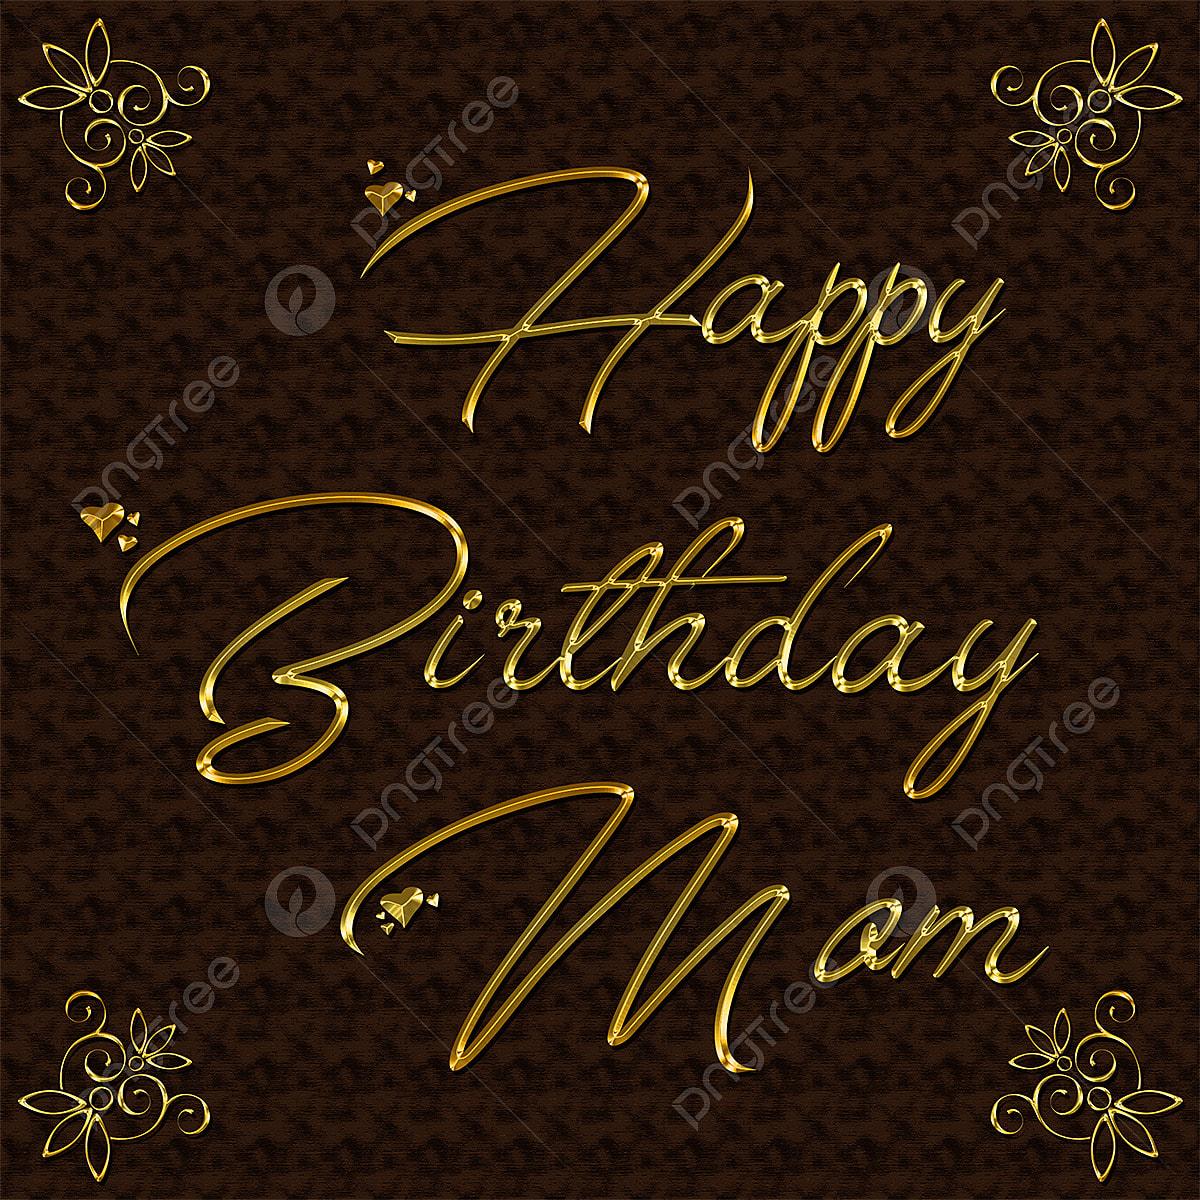 Joyeux Anniversaire Maman Or Effet Maquette Fichier Png Et Psd Pour